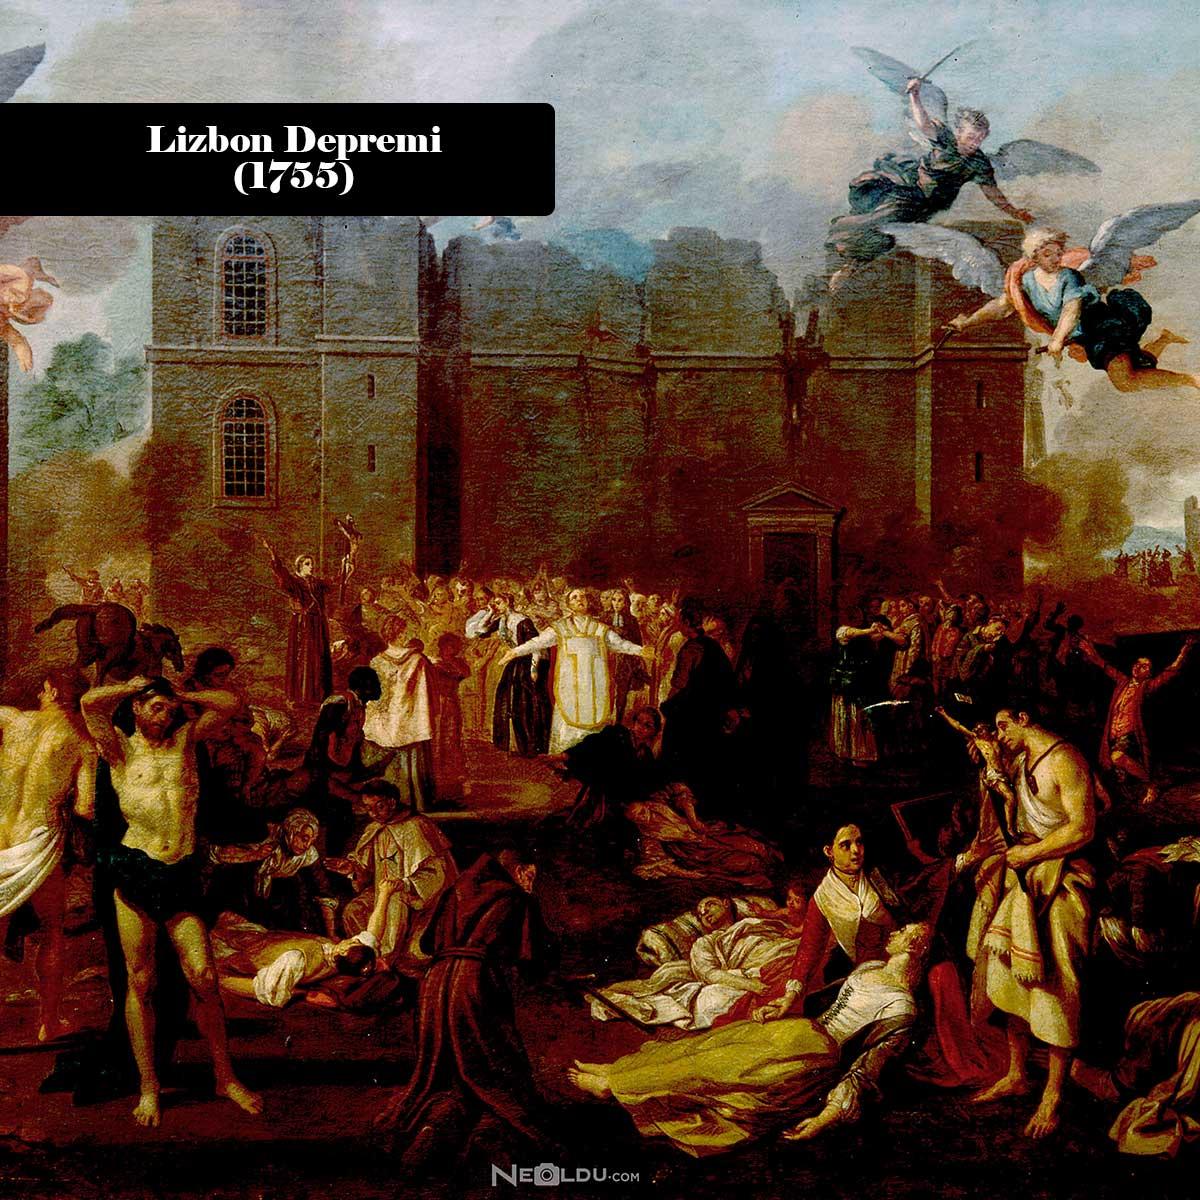 lizbon-depremi-(1755).jpg